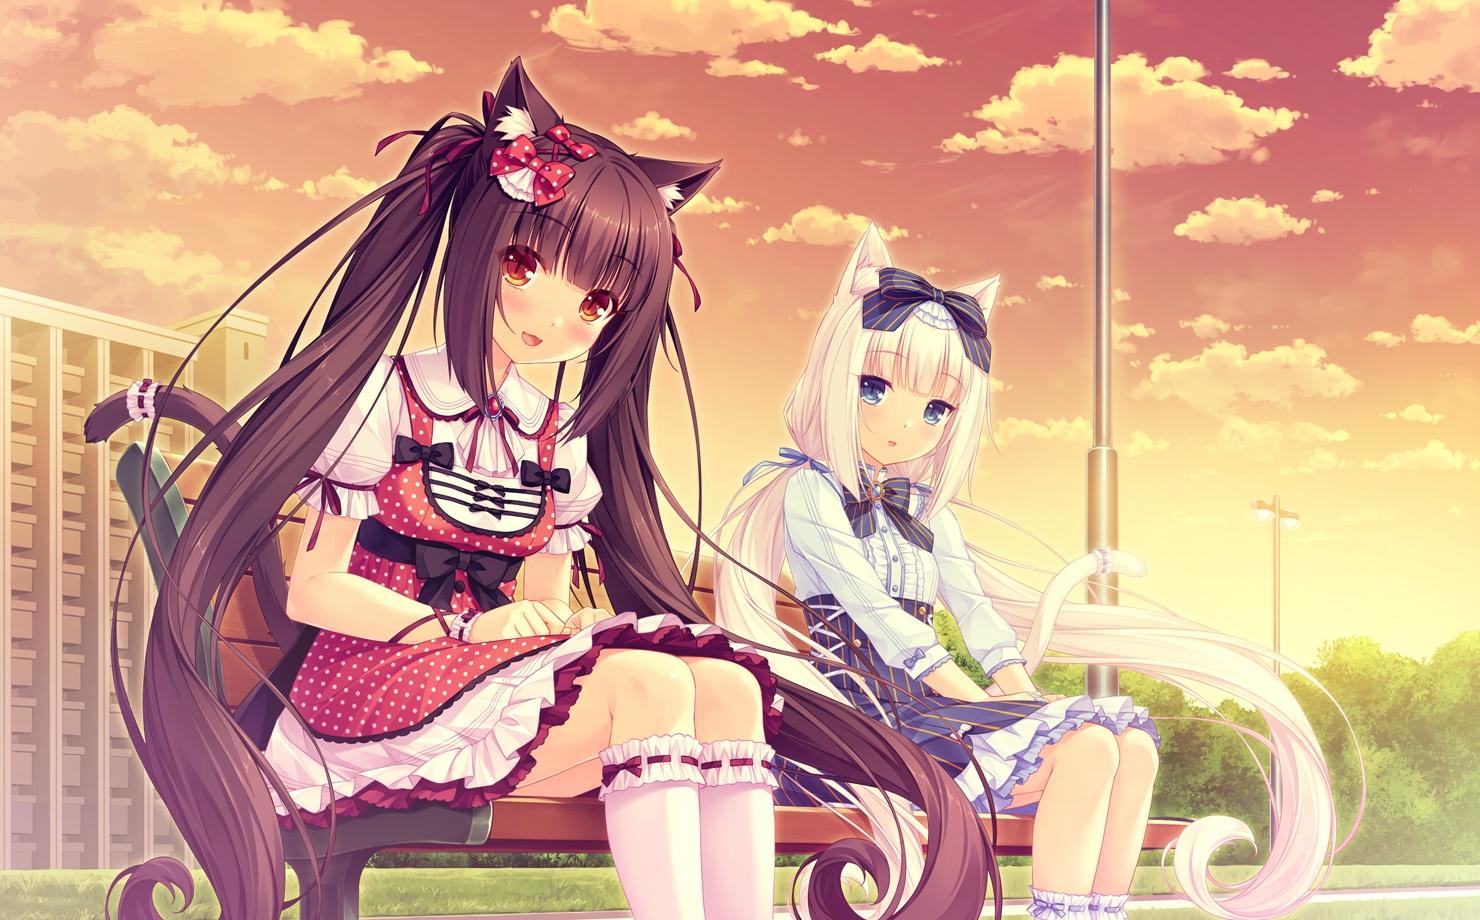 Anime Sayori Neko Para Vanilla Neko Para Chocola Neko Para 1480x920